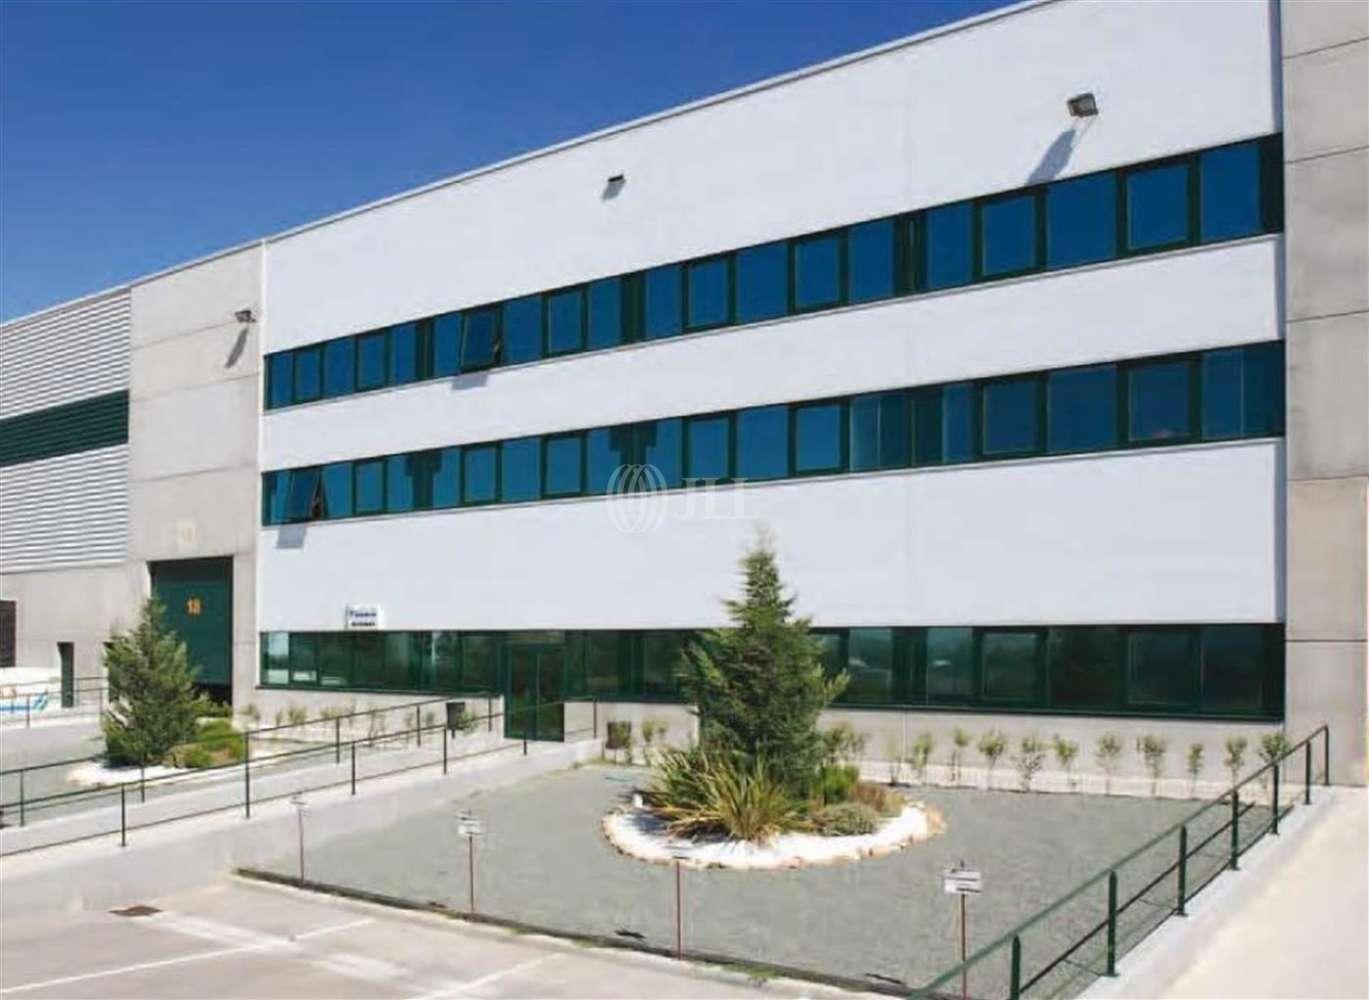 Naves industriales y logísticas Alcalá de henares, 28806 - Nave Logistica - M0255 P.I. LA GARENA PROLOGIS - 15165